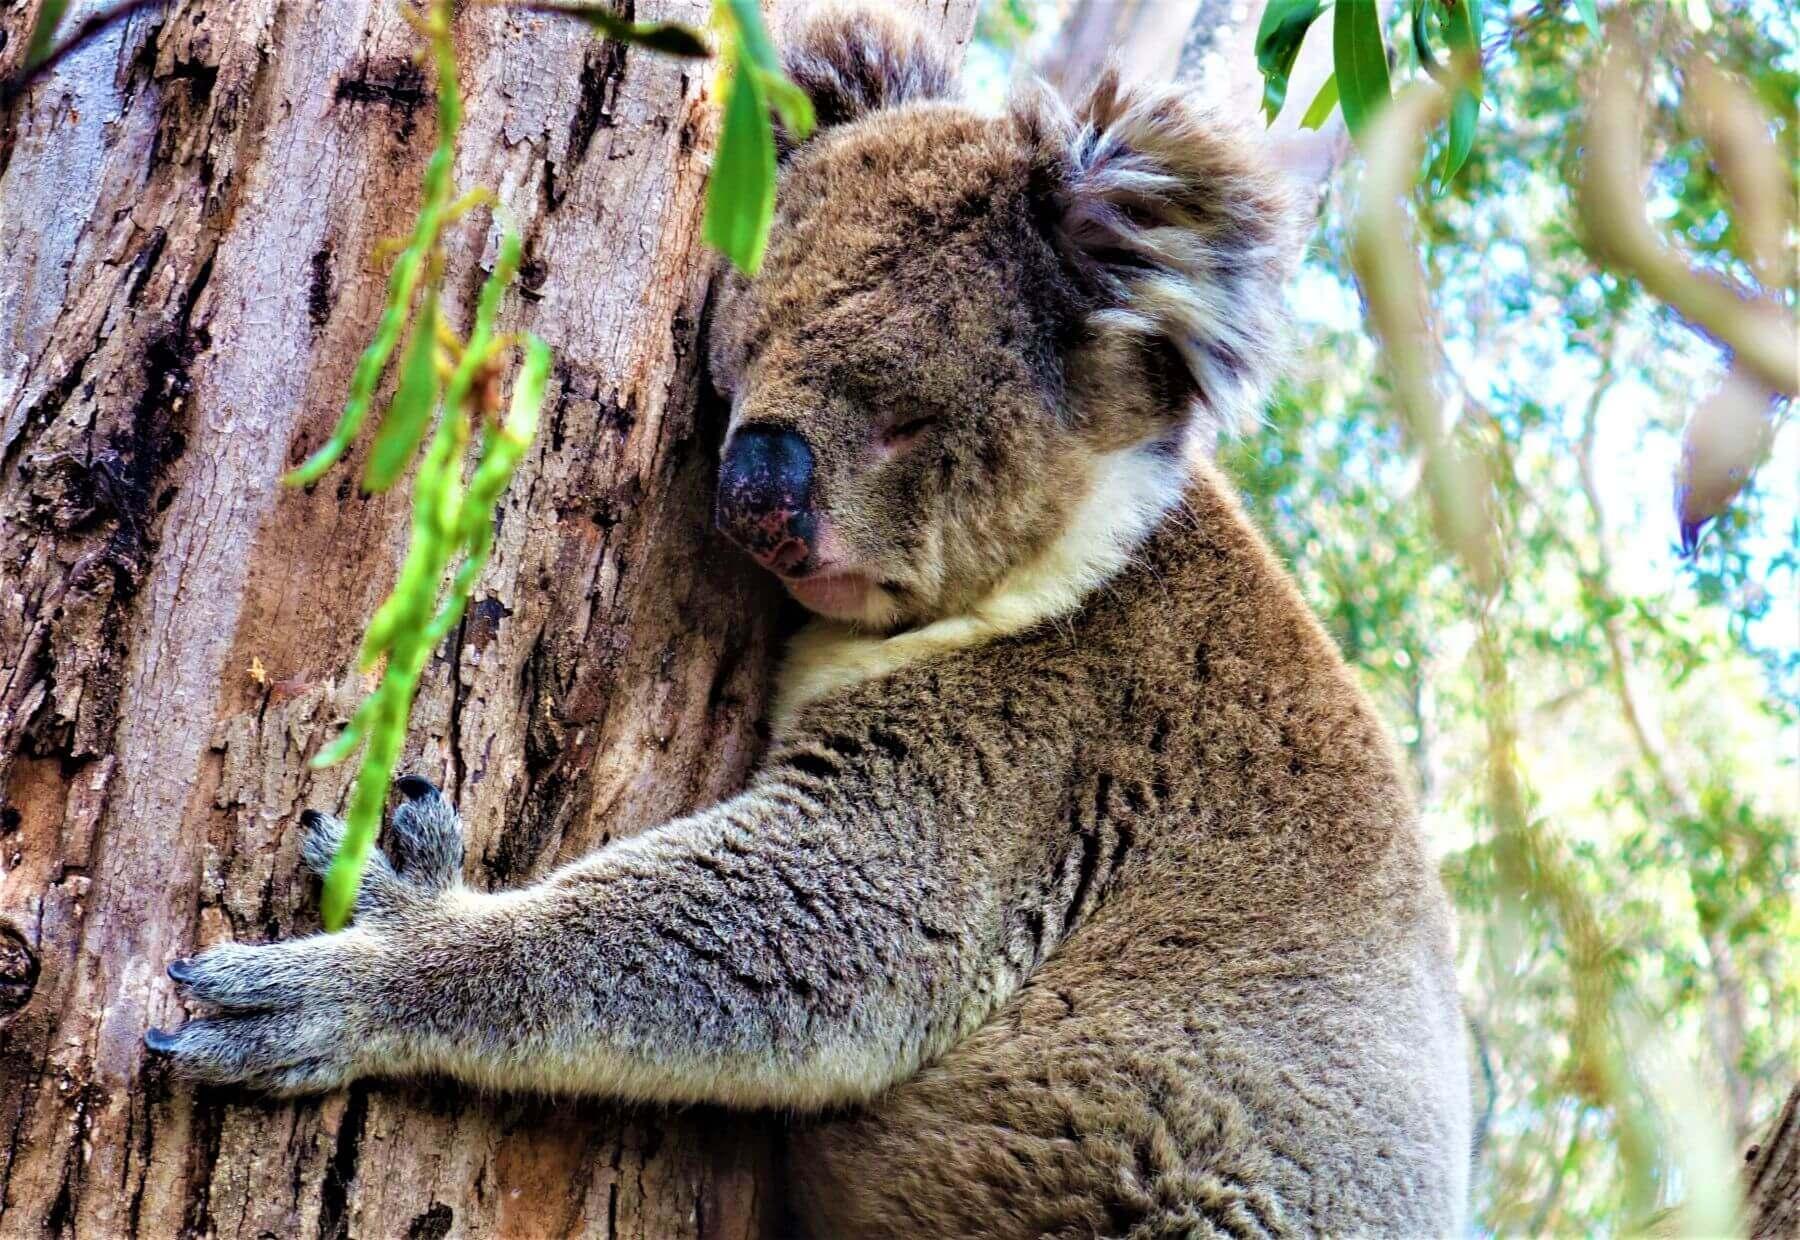 Koalabär in freier Wildbahn sehen in Australien